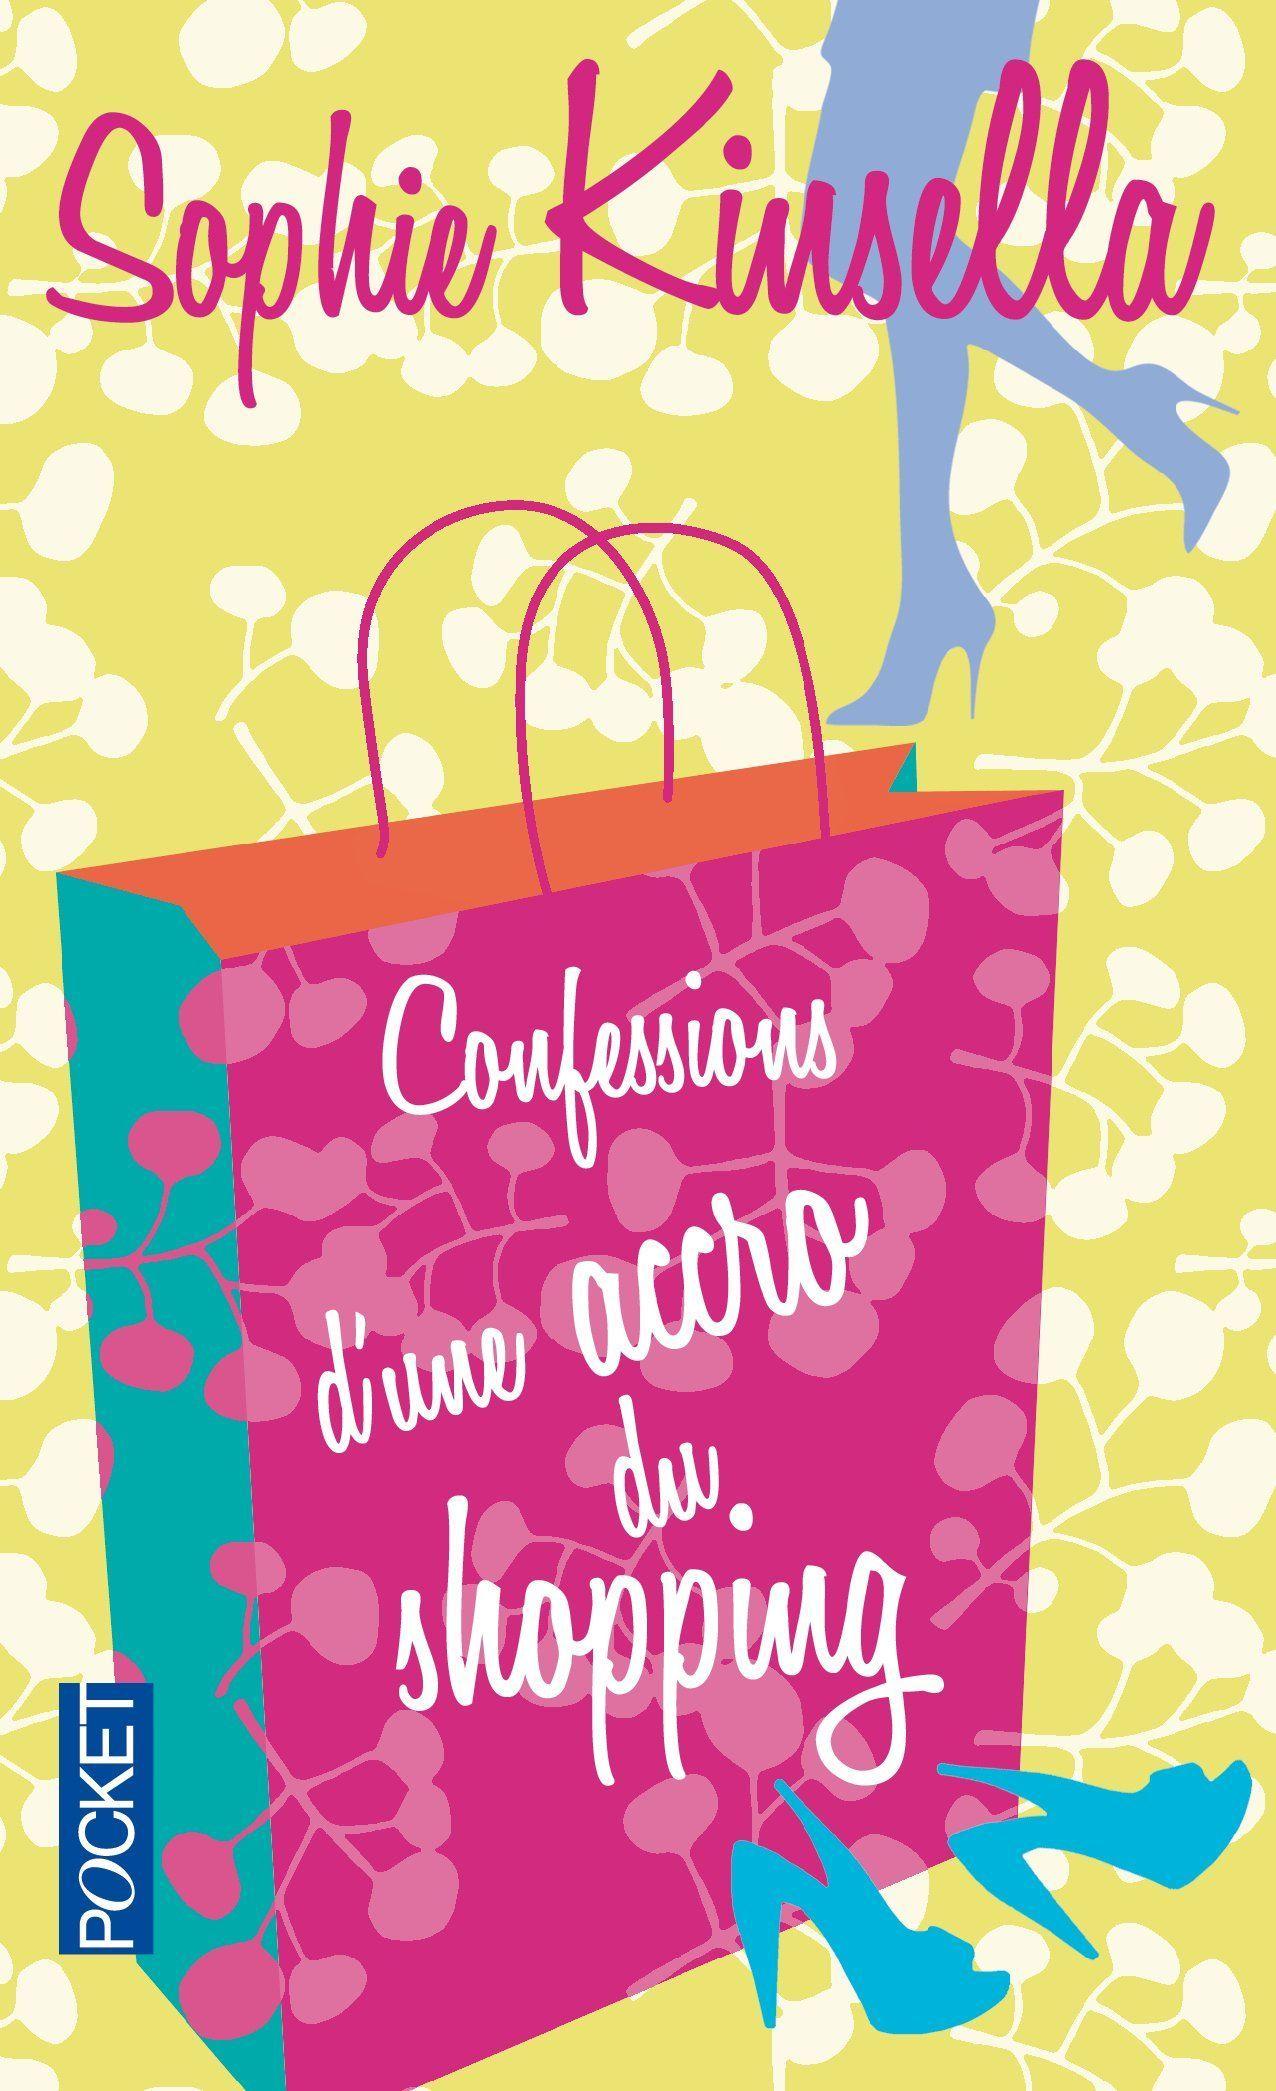 Confessions D'une Accro Du Shopping : confessions, d'une, accro, shopping, Confessions, D'une, Accro, Shopping, L'Accro, Shopping,...